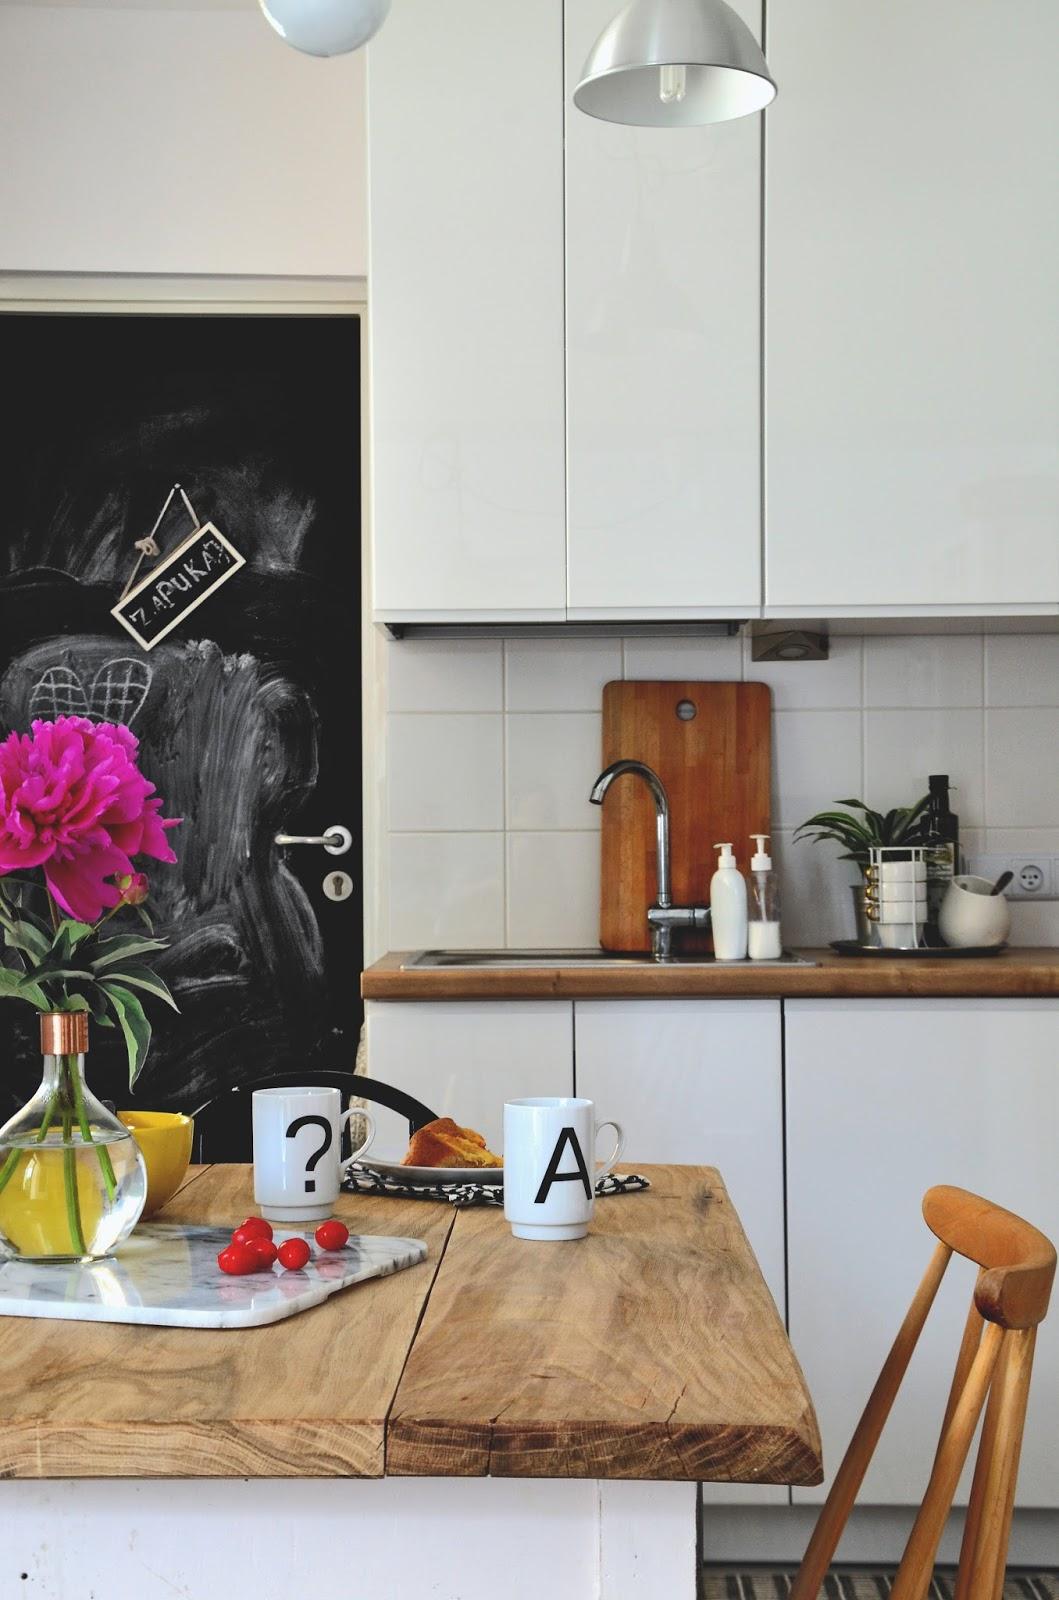 Zmiany W Kuchni Olej Do Drewna Stary Stół